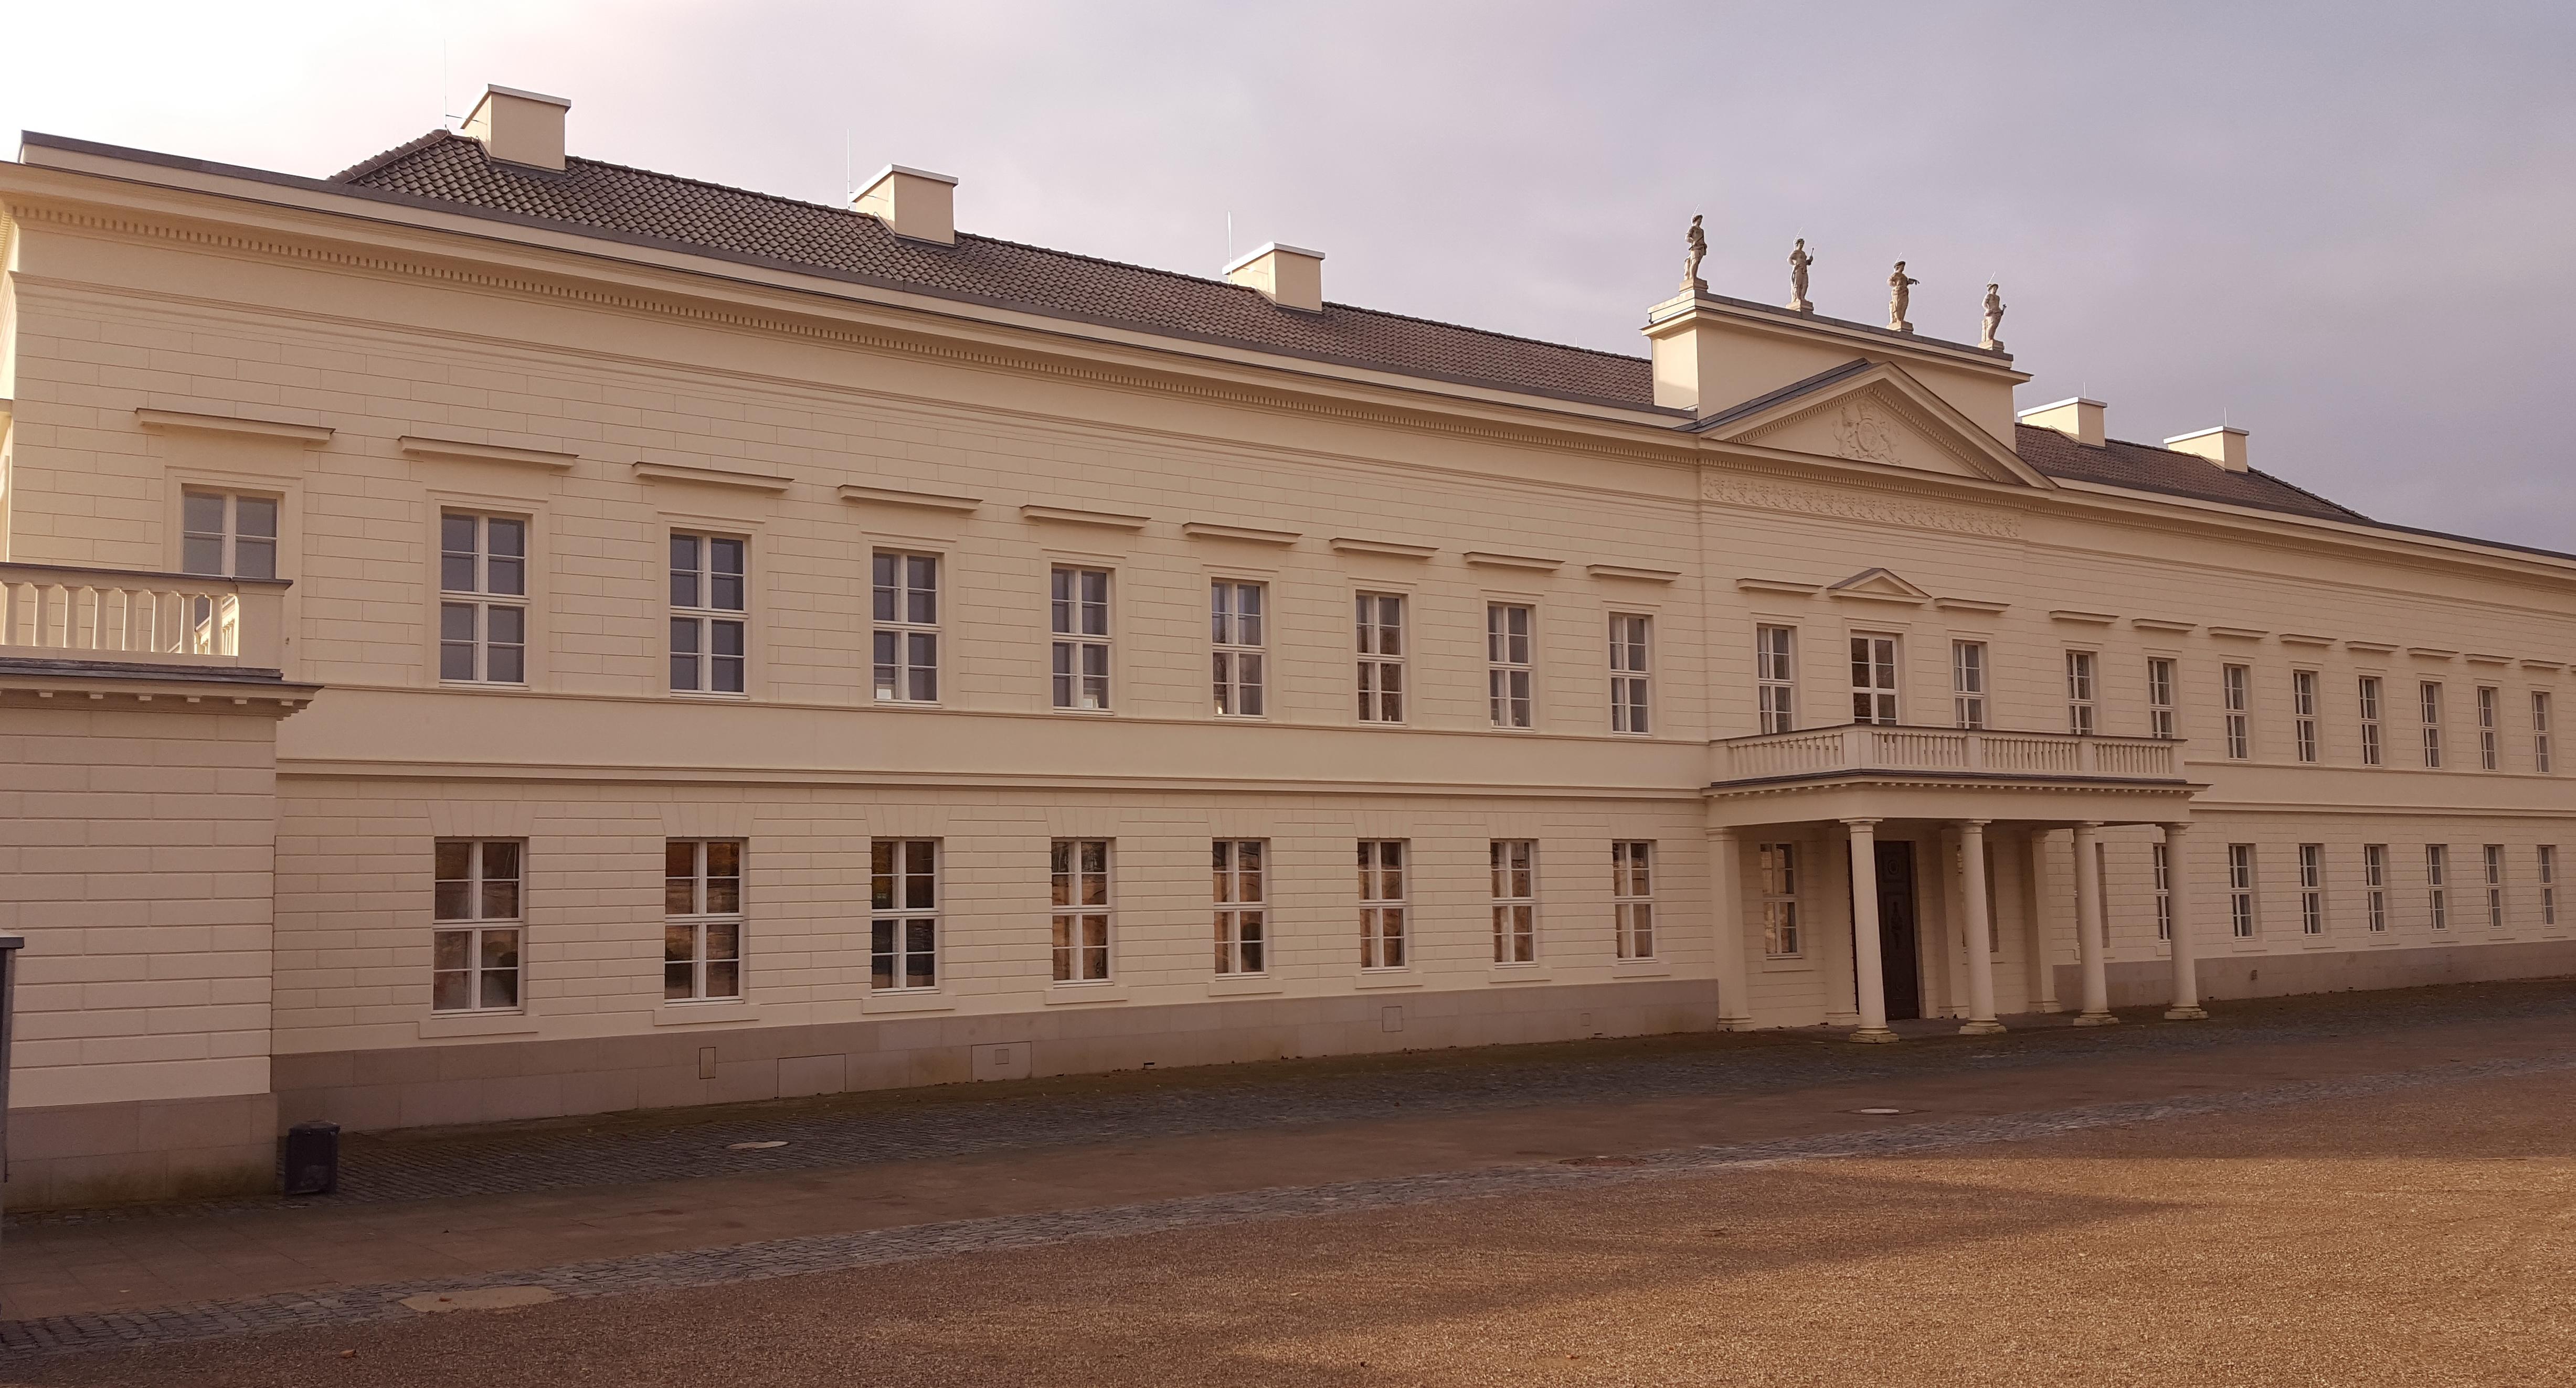 4-8 Museen, Veranstaltung und Hotels